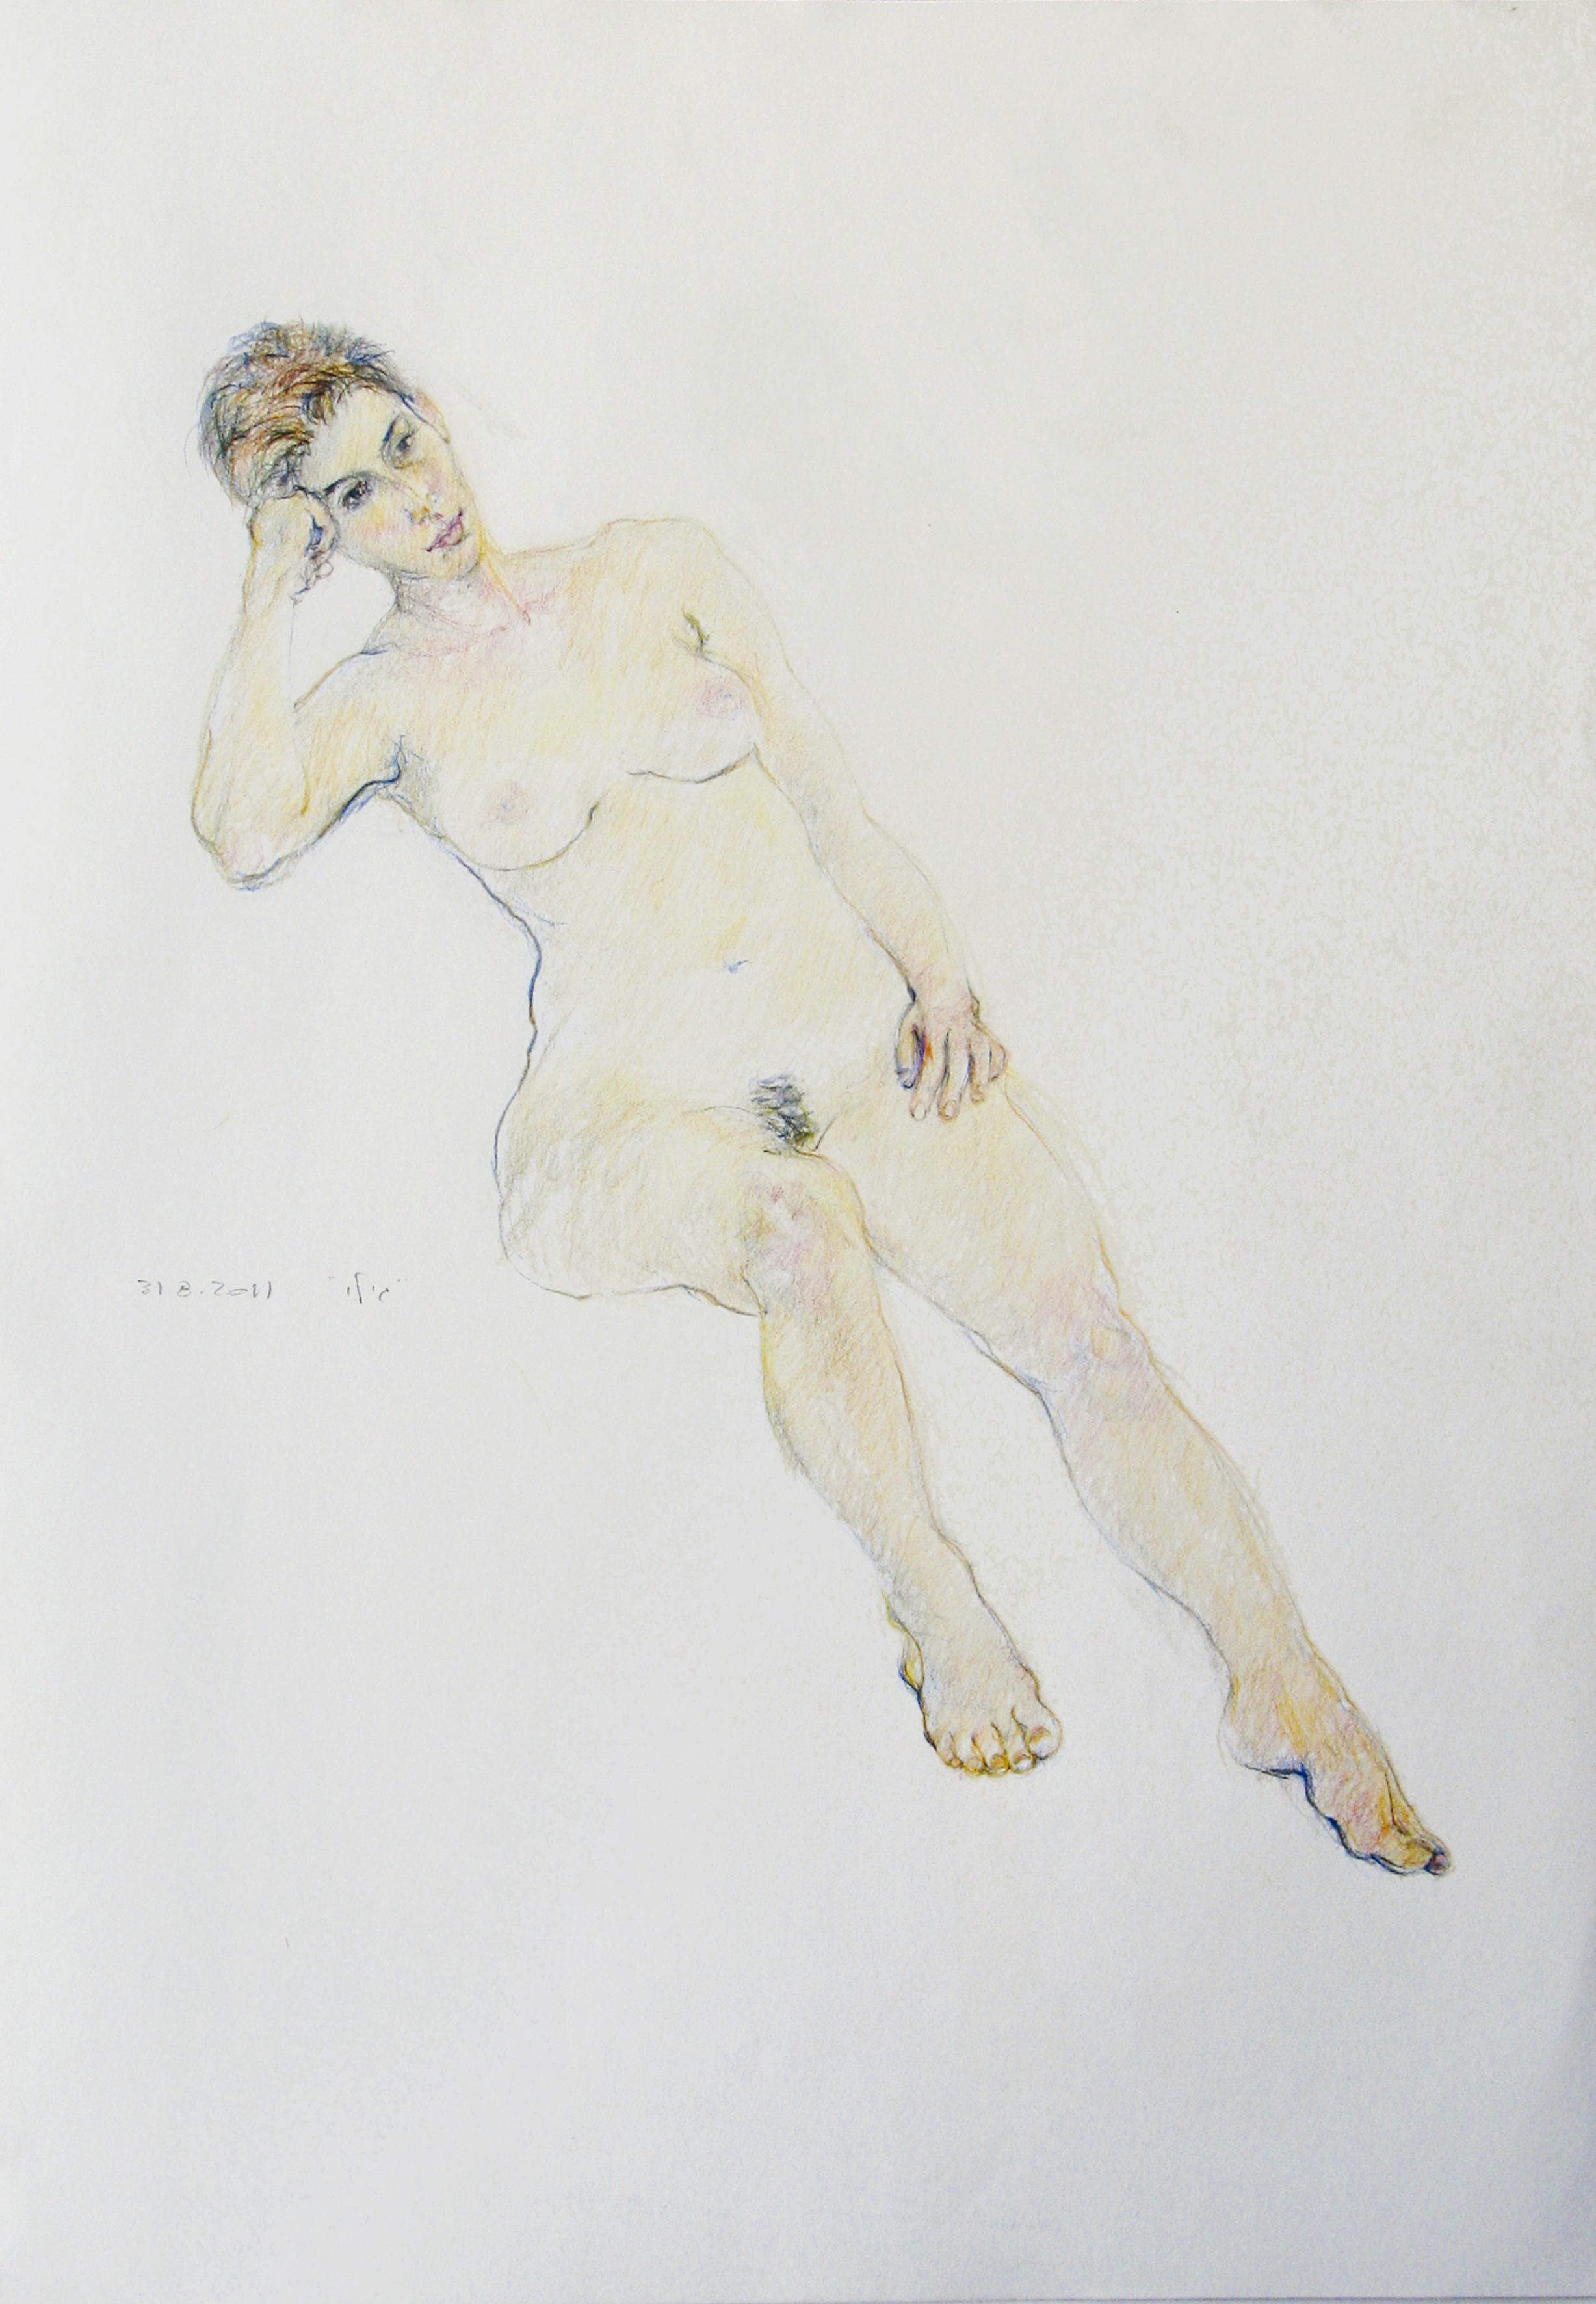 Gili (1) - 2011